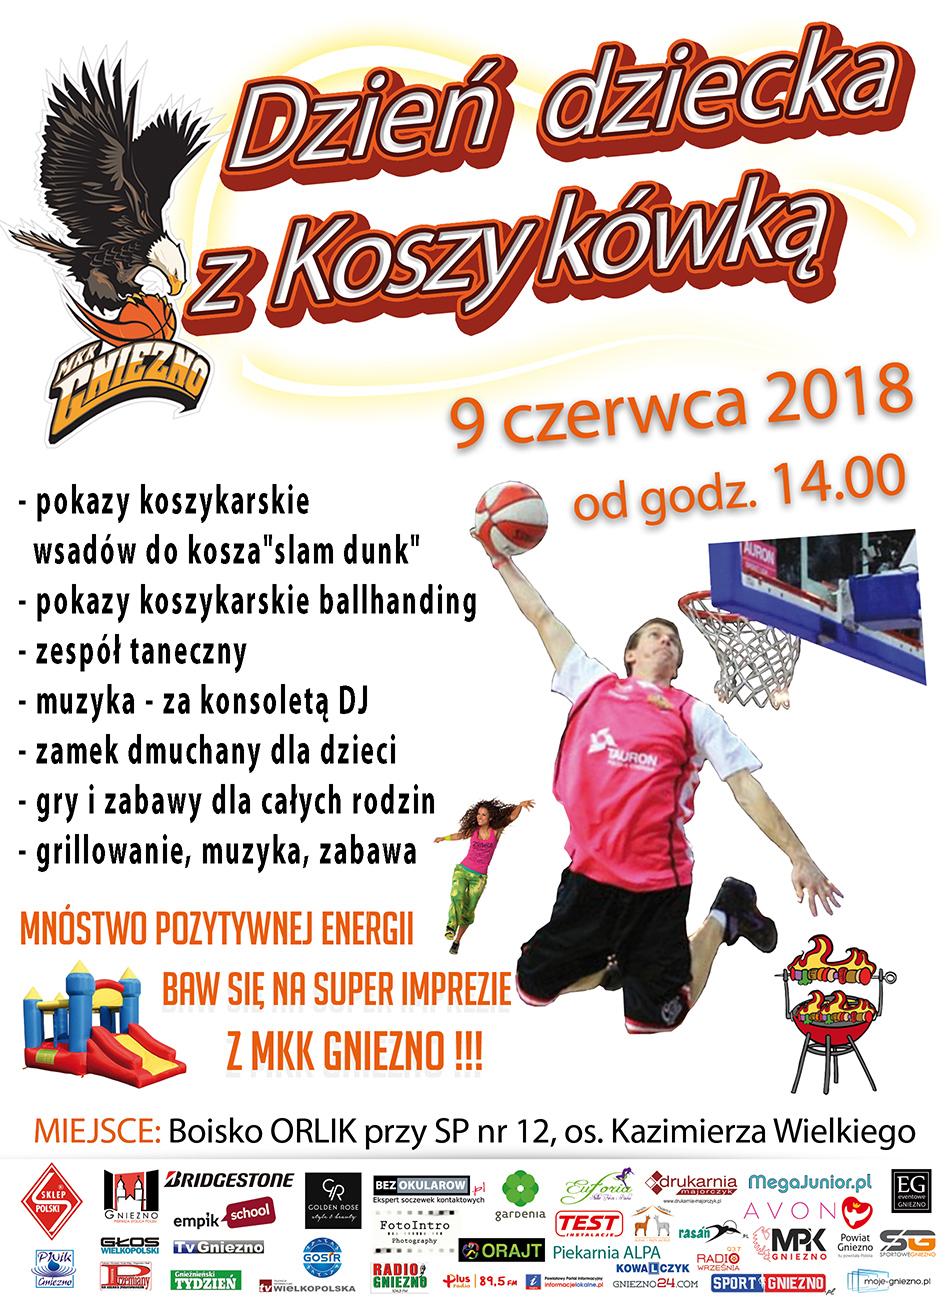 Dzień dziecka z Koszykówka 2018-MKKK GNIEZNO plakat_1920pix